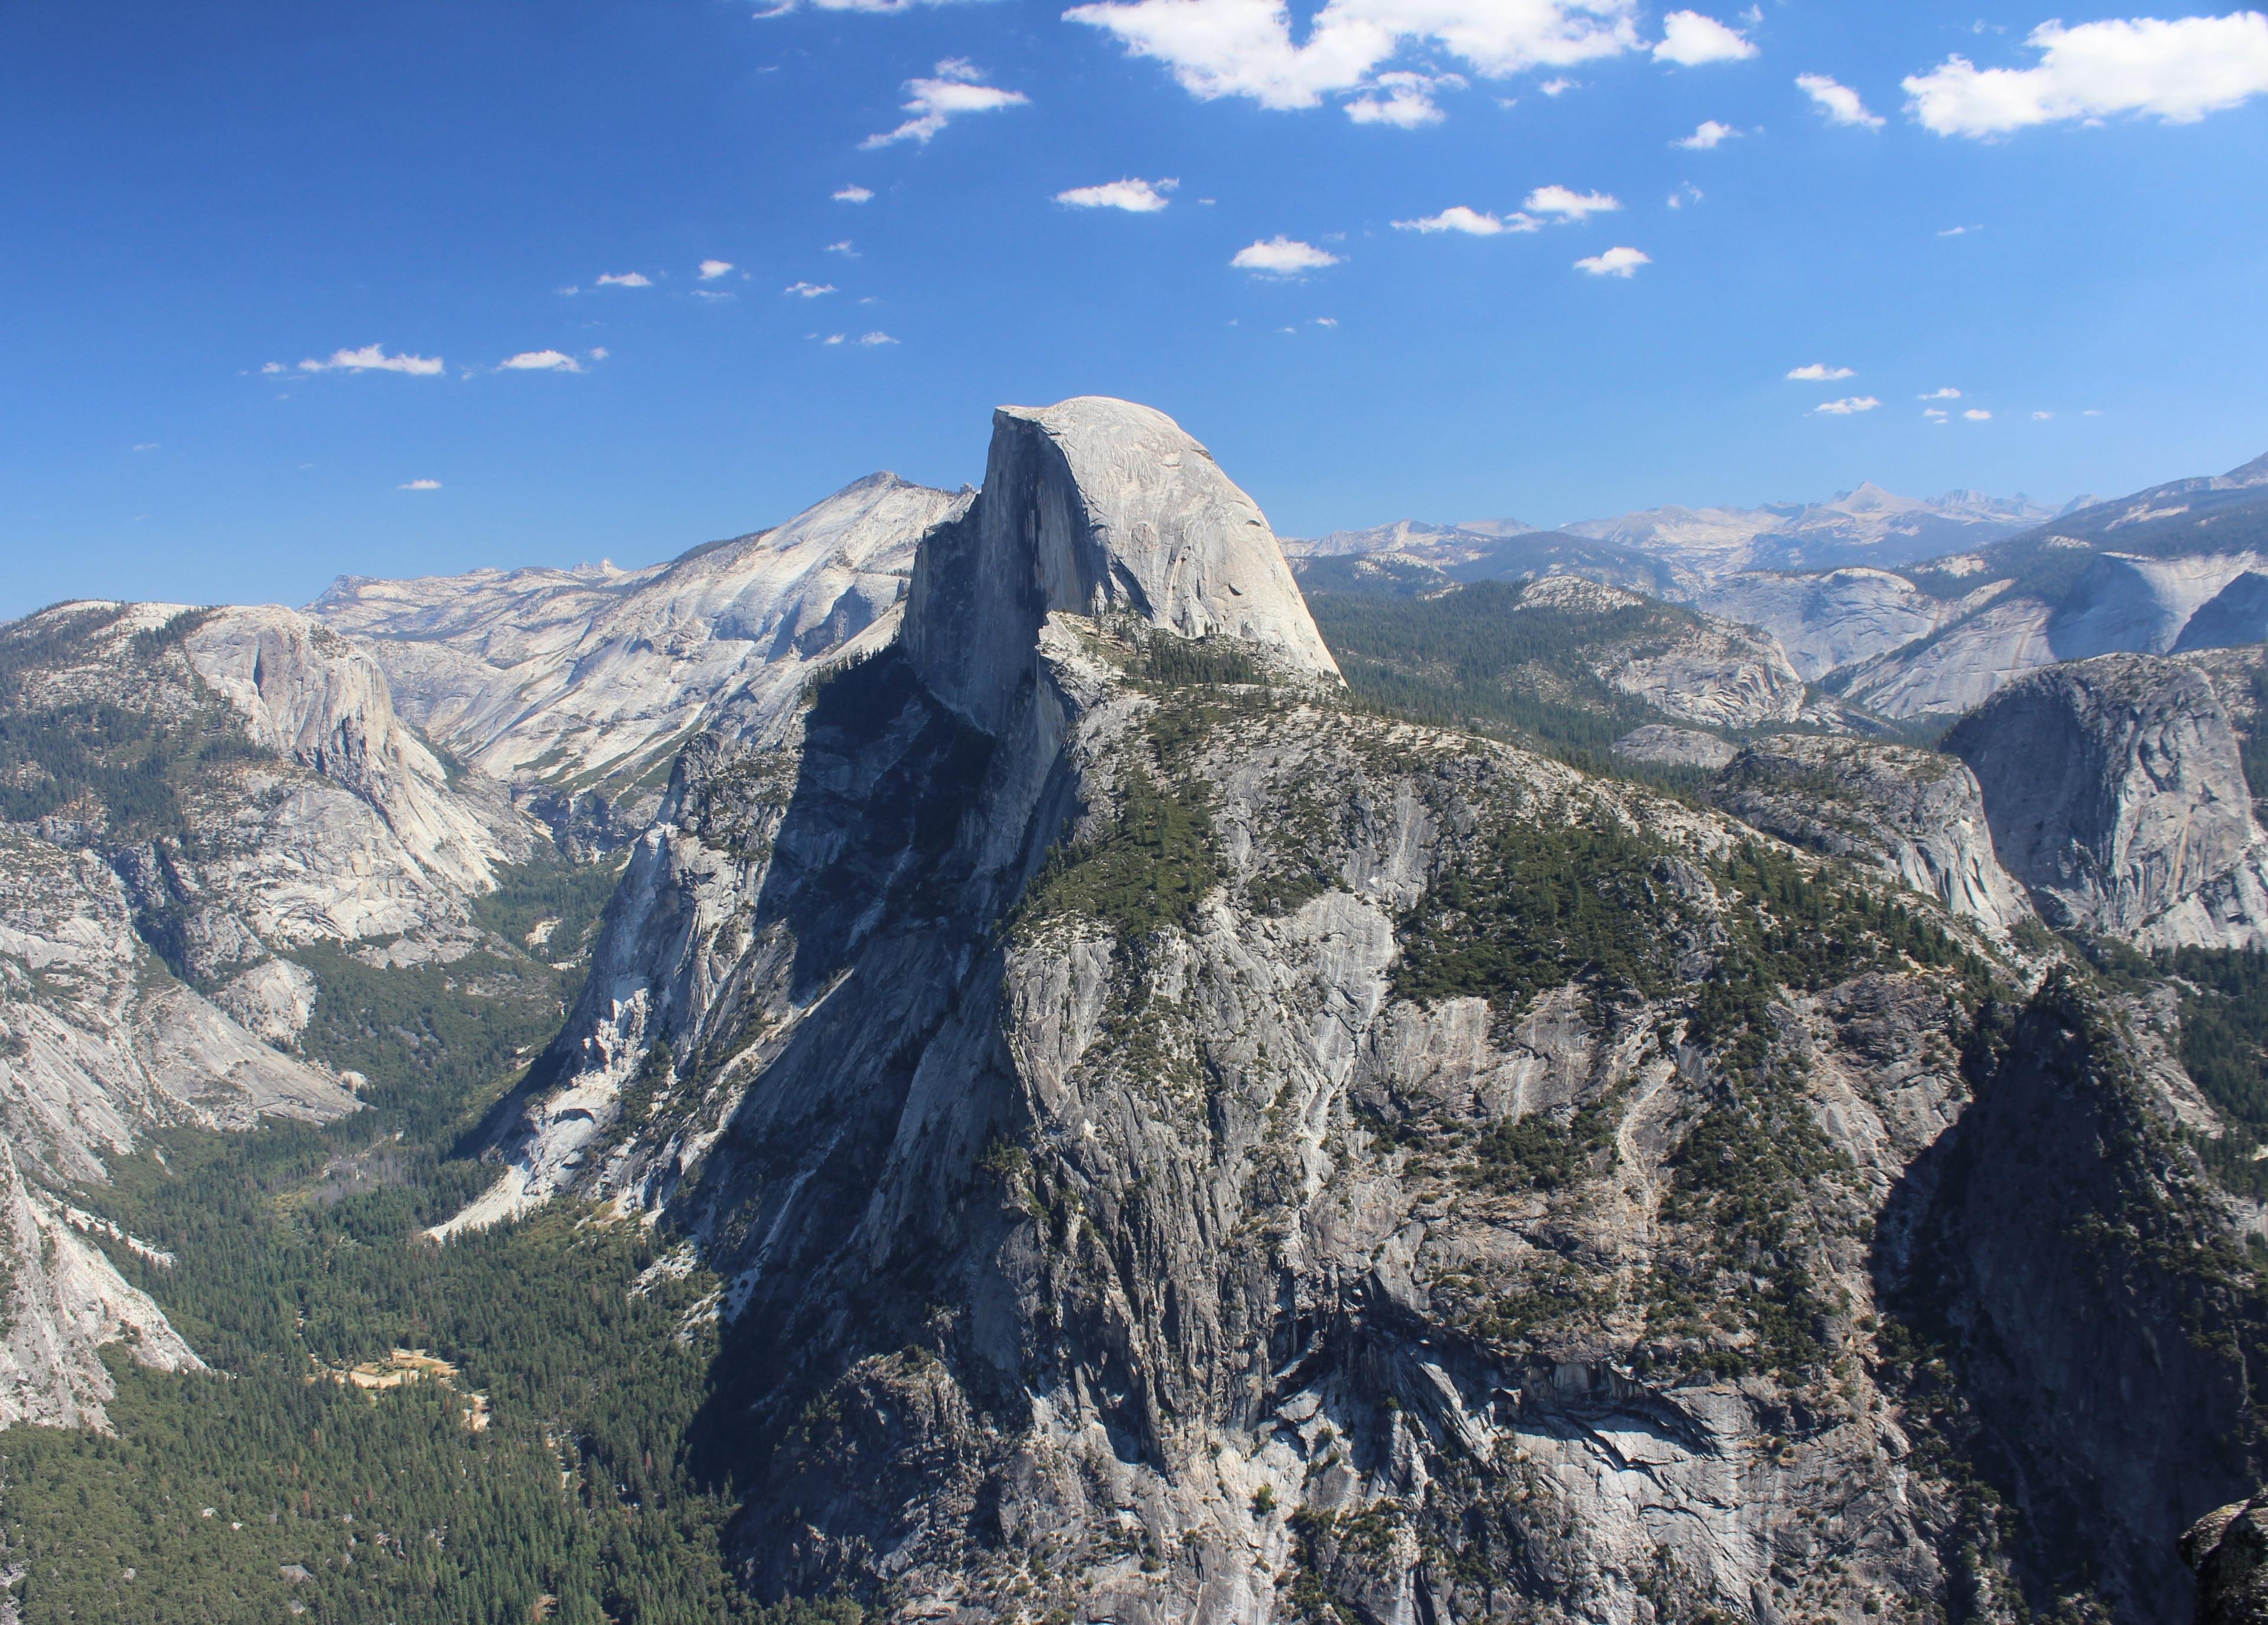 Descubra a história de Half Dome, um dos principais monumentos em Yosemite National Park. Enquanto estiver no local, percorra a zona ribeirinha ou confira as trilhas para caminhada.